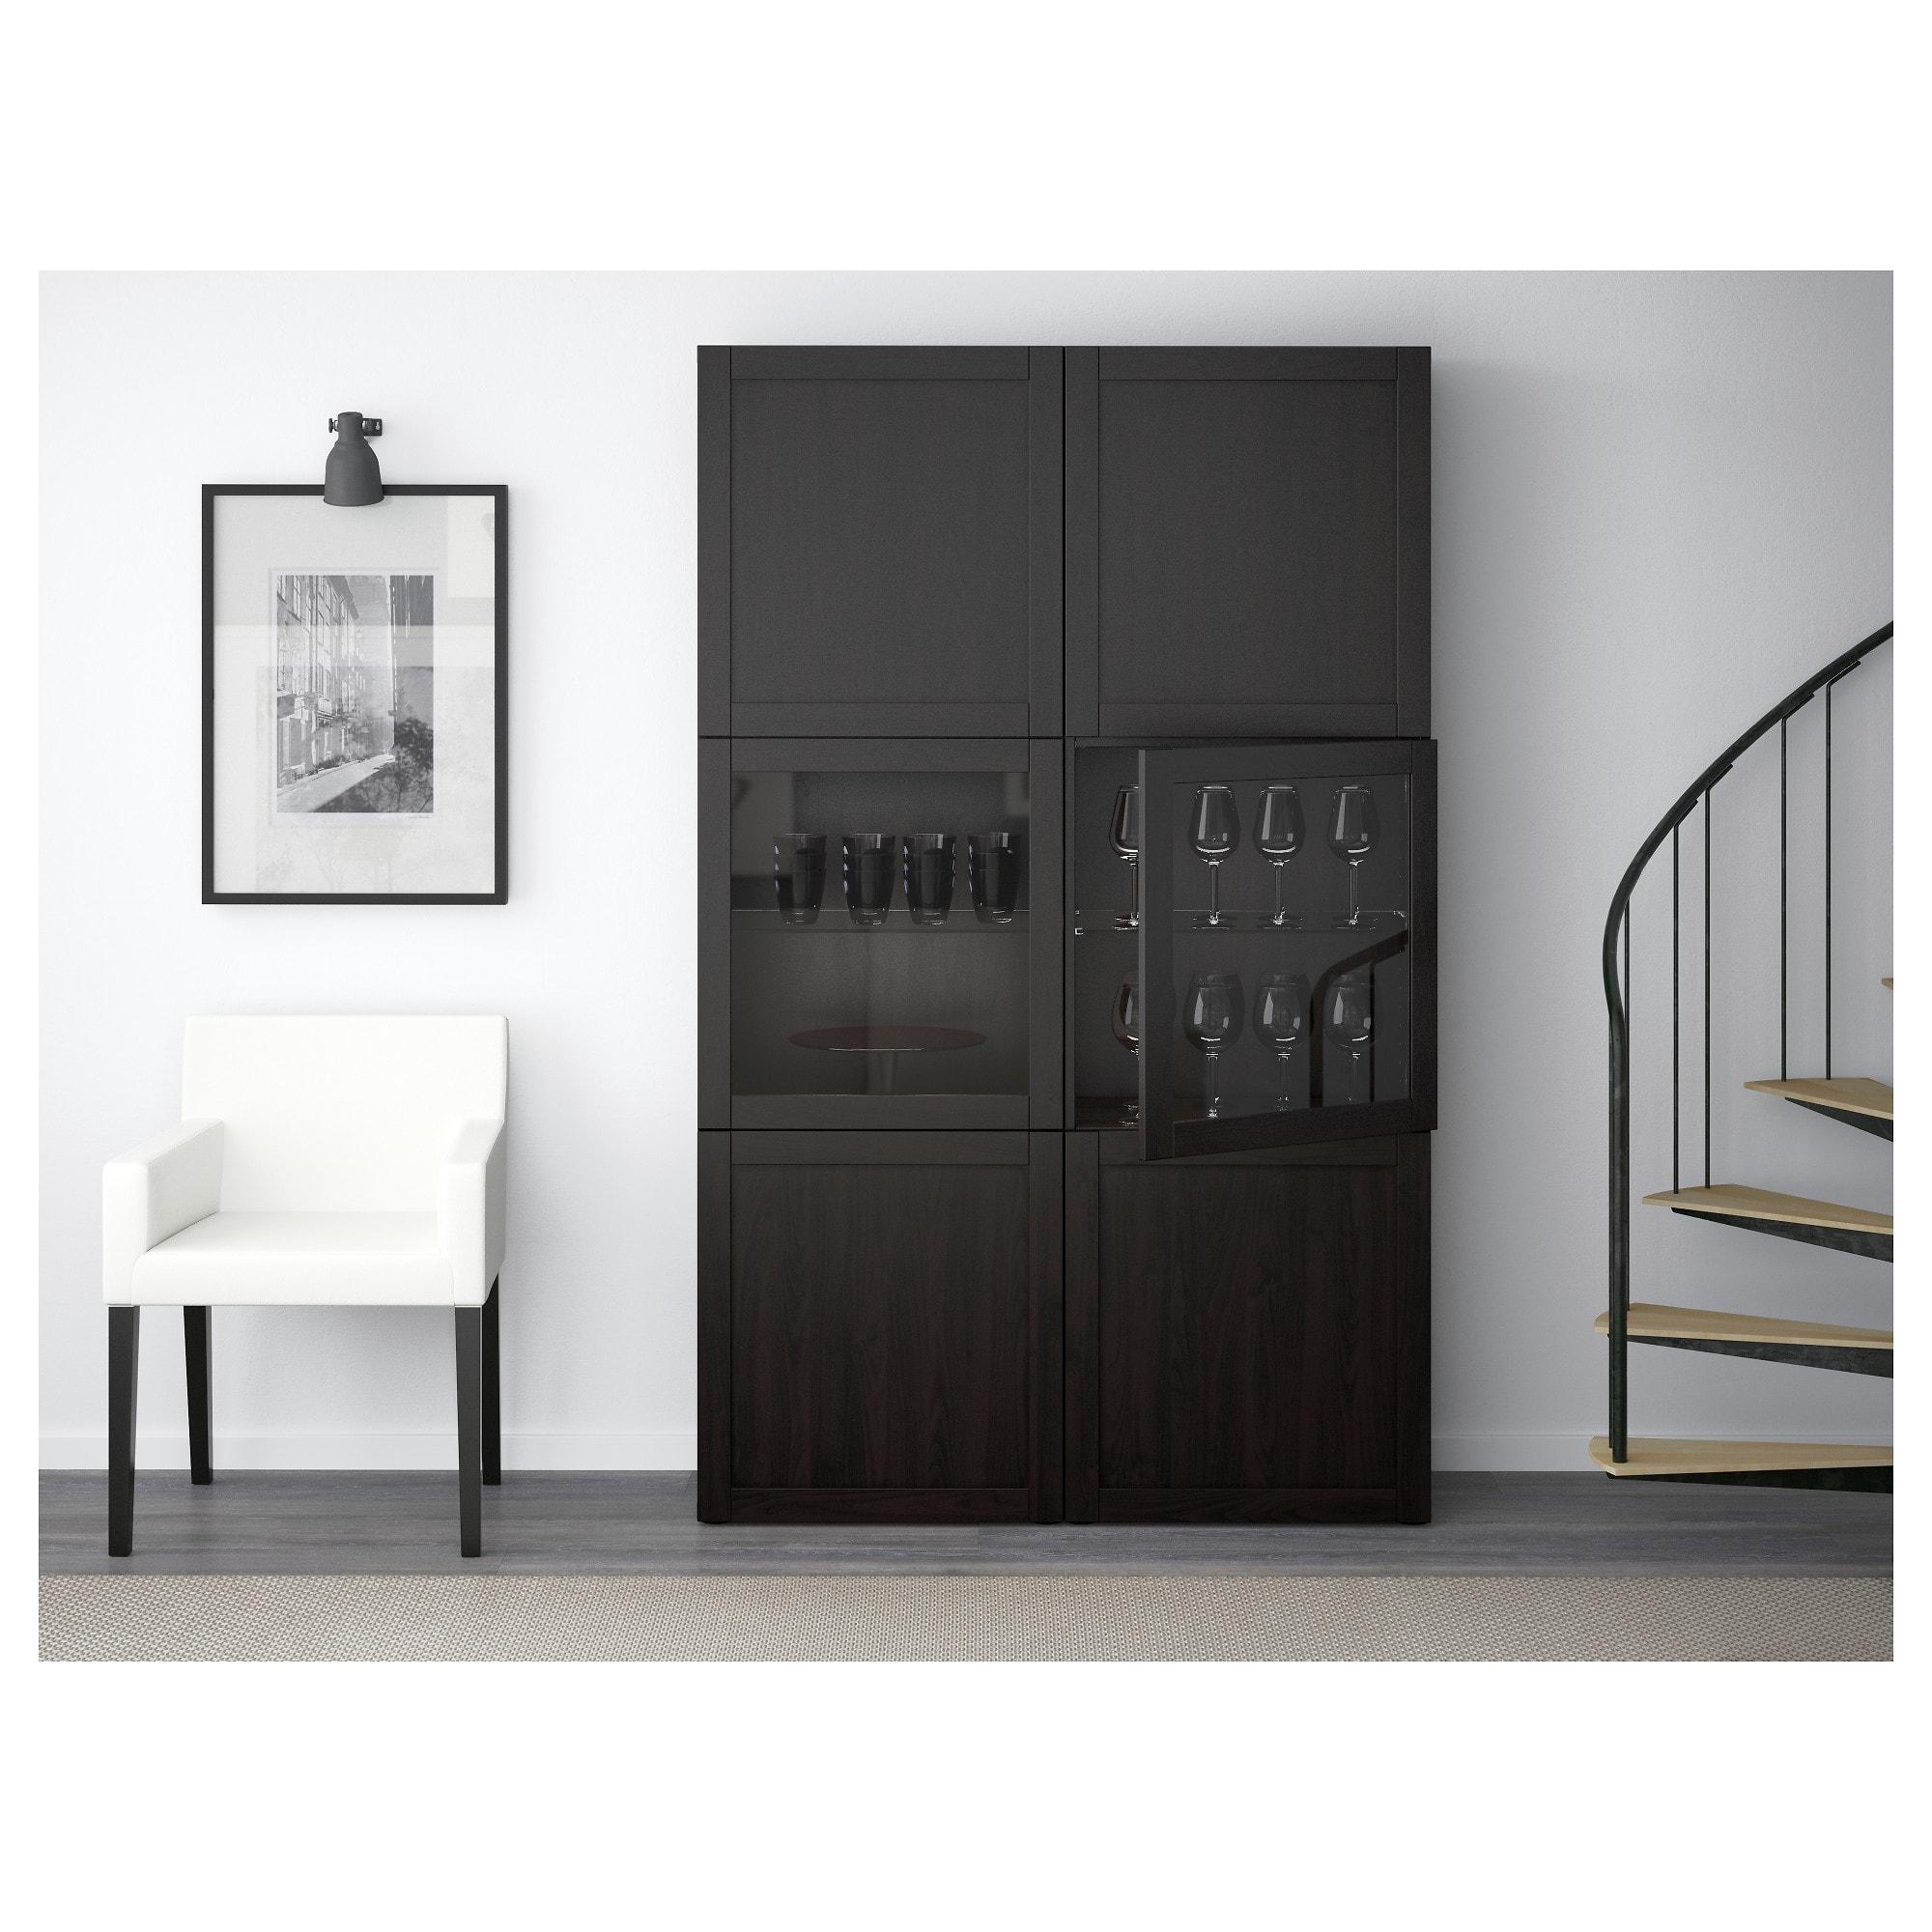 Ikea Besta Storage Combination W Glass Doors Hanviken Sindvik In